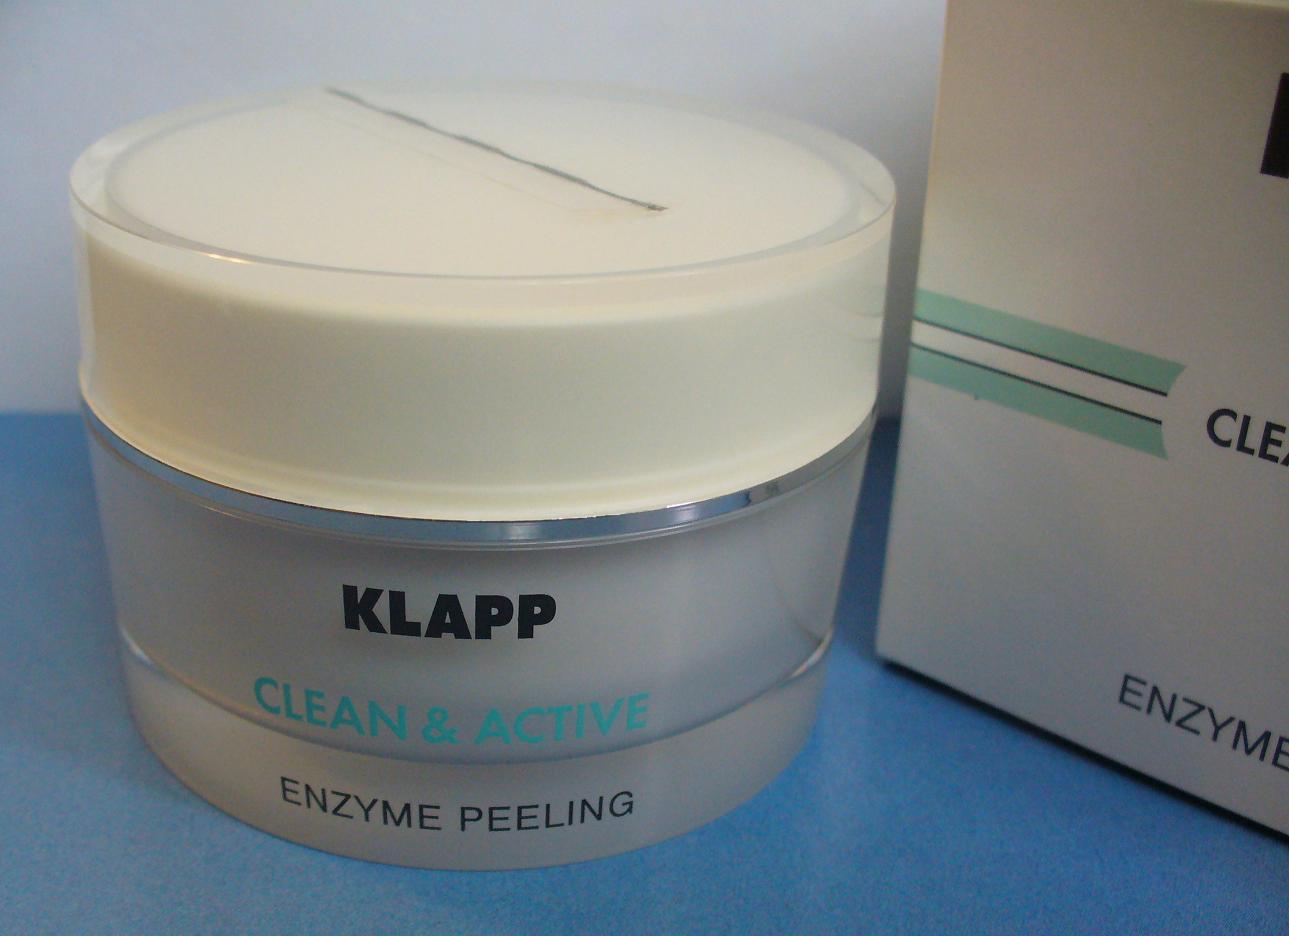 Zelenoglazka: энзимный пилинг enzime peeling немецкой профессиональной марки klapp..